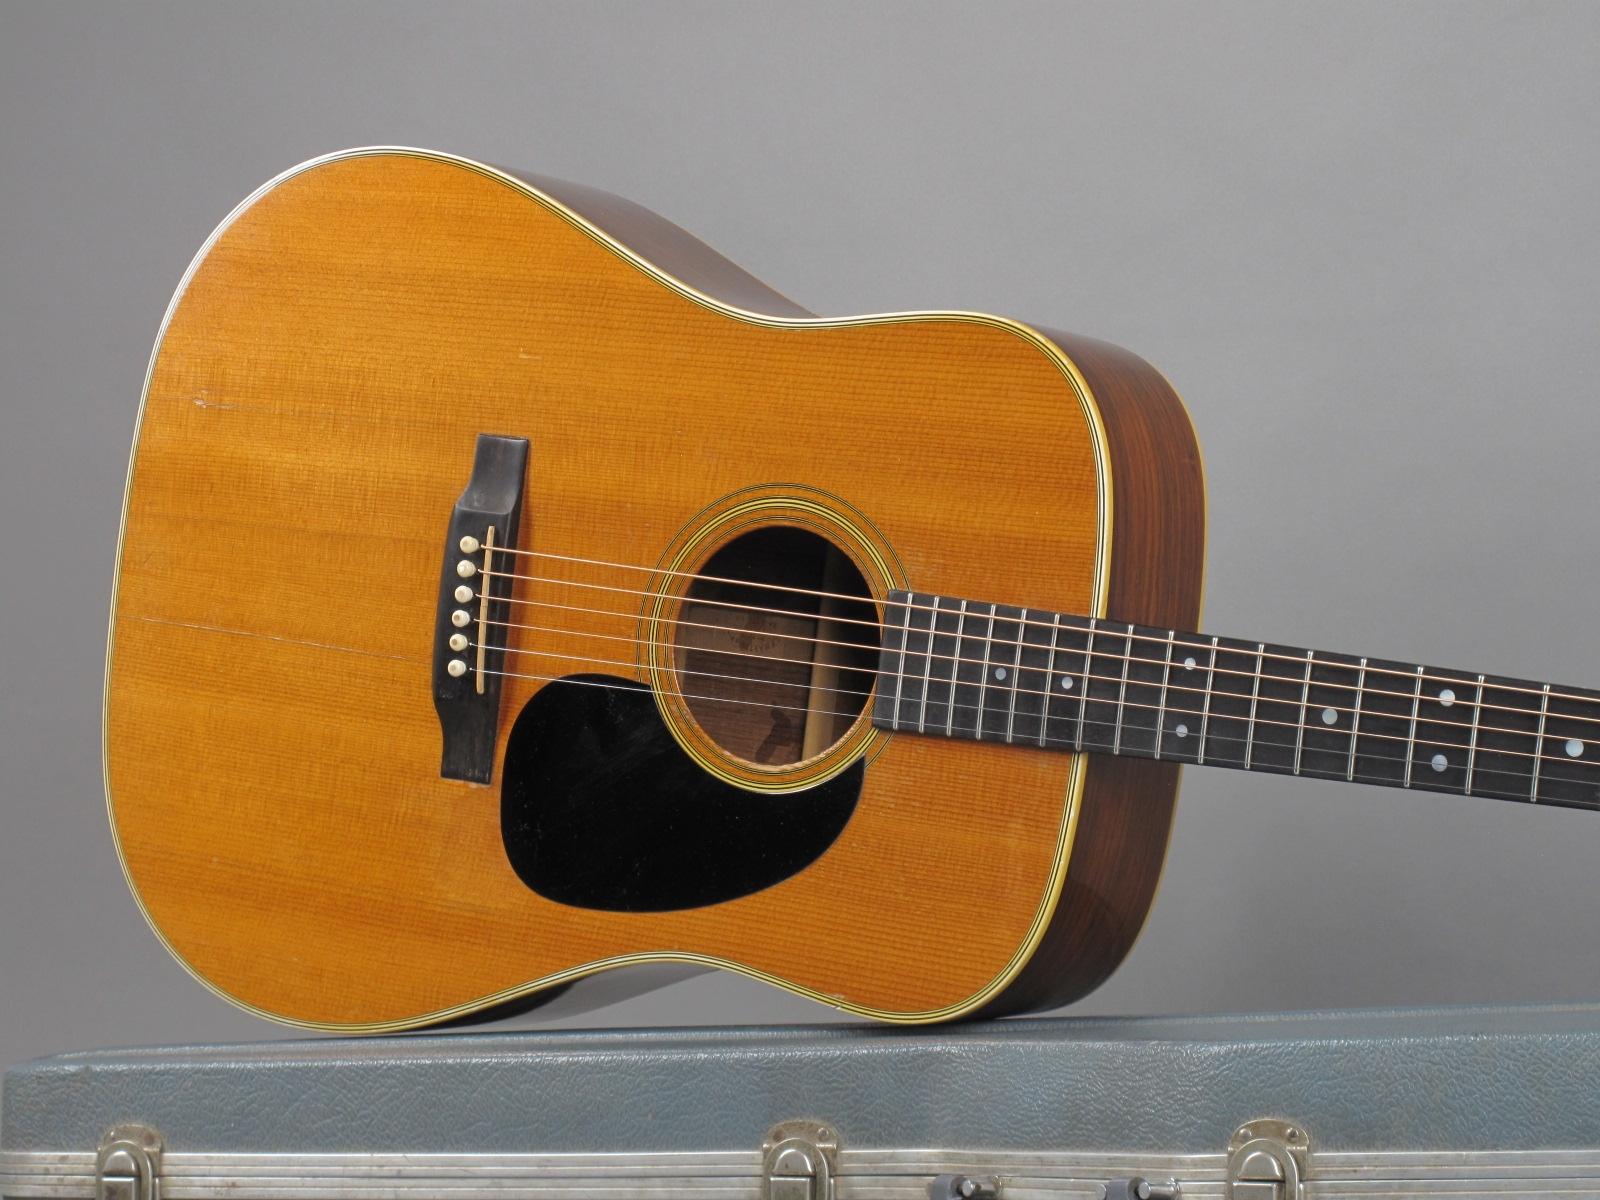 https://guitarpoint.de/app/uploads/products/1969-martin-d-28-natural/1969-Martin-D-28-Natural-251219-19.jpg